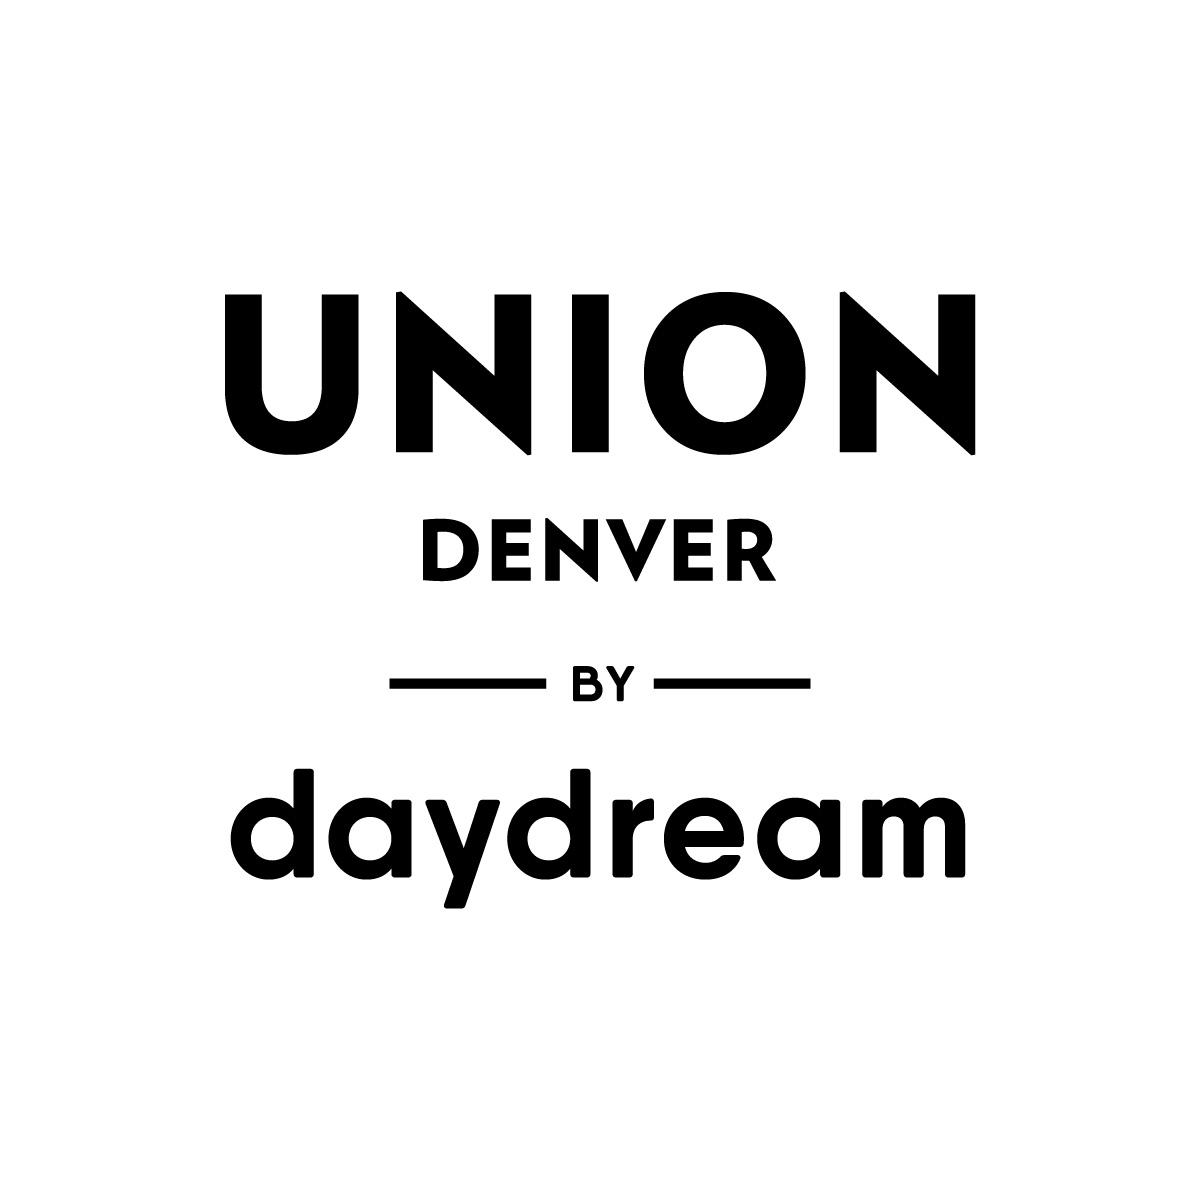 Daydream-Union_Denver-F_UD_by_Daydream-Unboxed_K.jpg